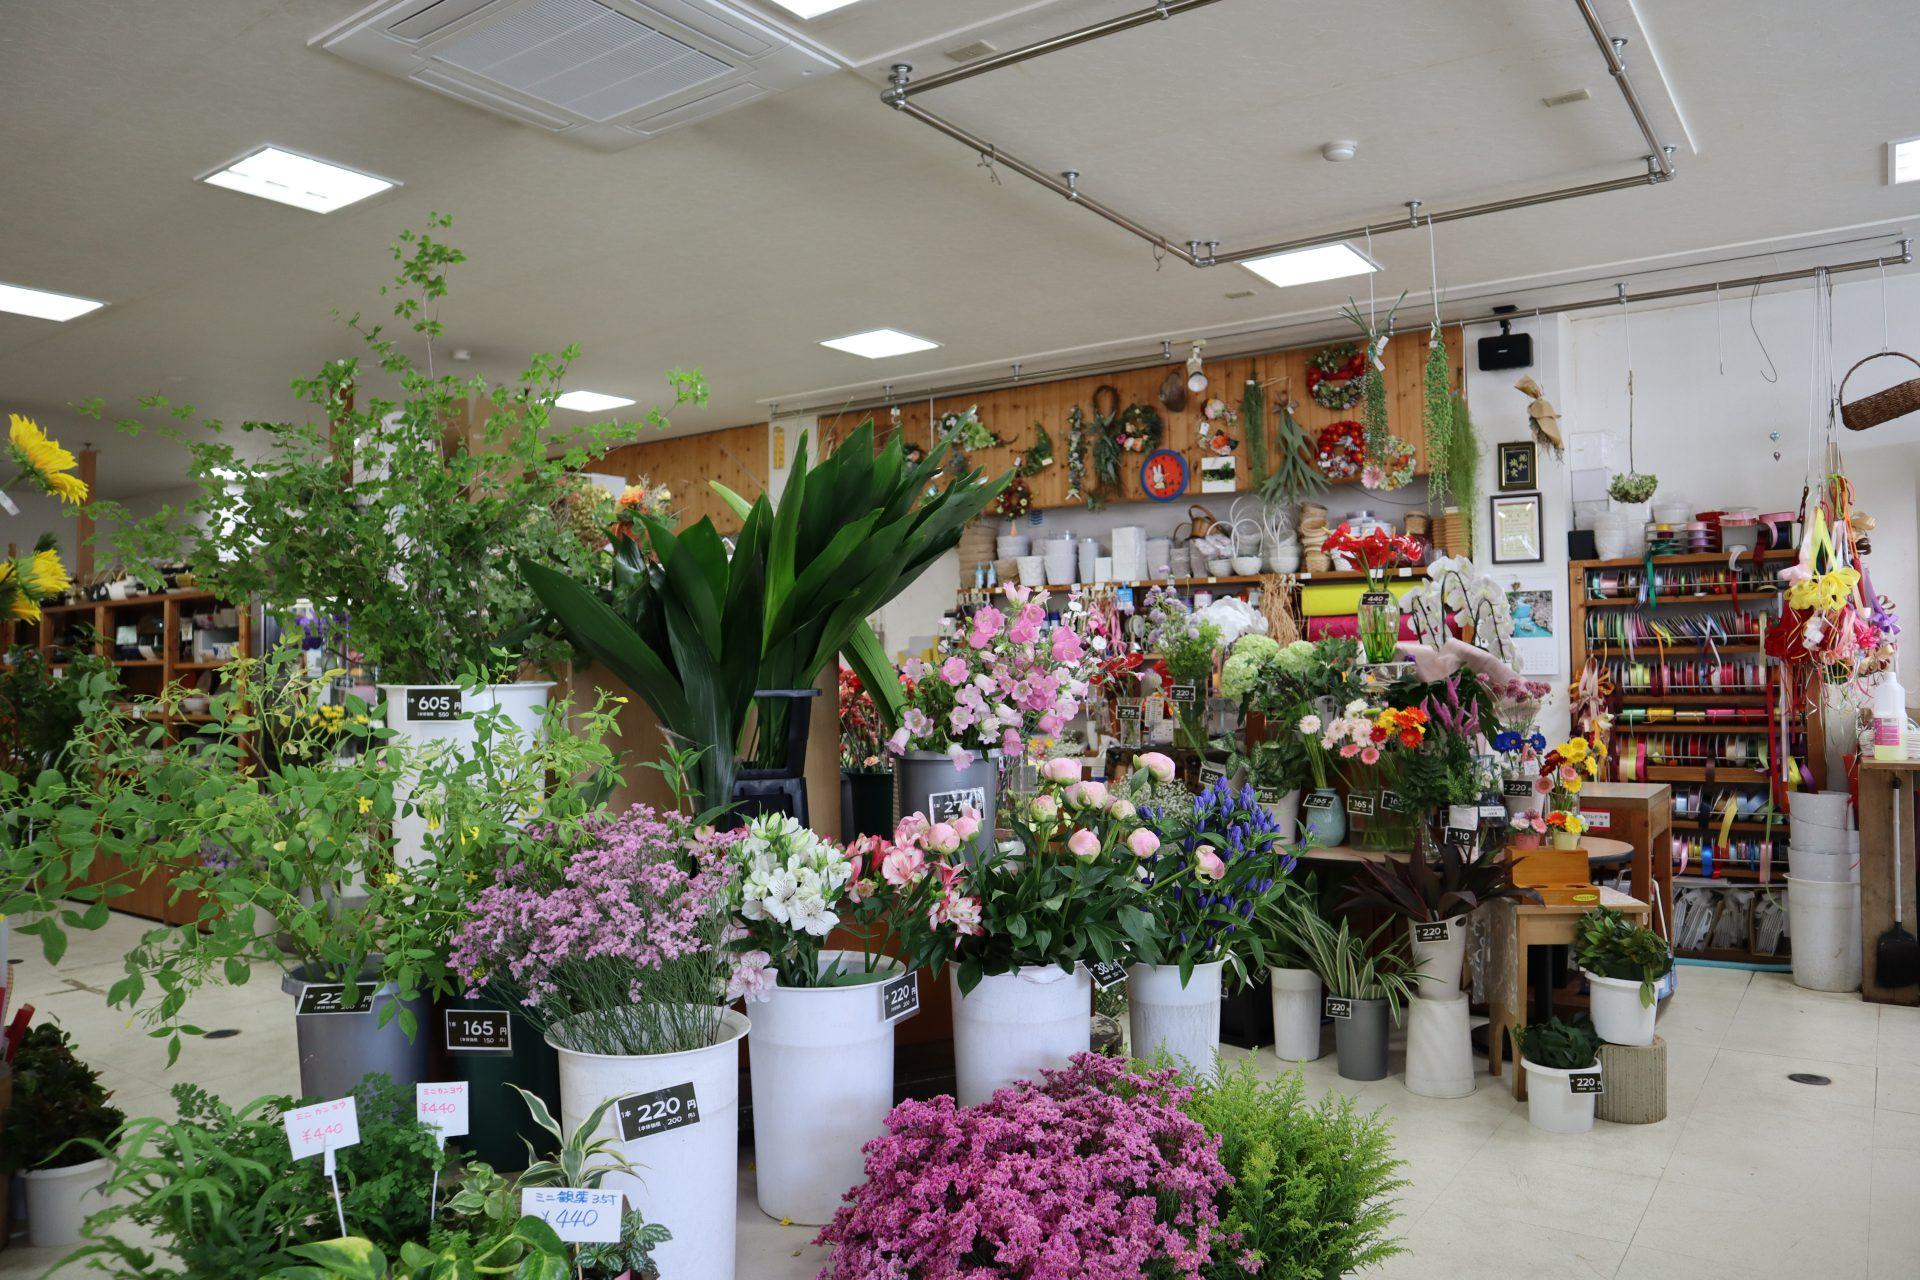 花や花瓶を始め、各種雑貨を数多く品揃え!明治初期から建つ土蔵も魅力。 広い店内に、色鮮やかな花々や、可愛らしい雑貨が所狭しと並ぶギフトショップ。 明治初期に建てられたという土蔵に、併設する形でお店が建ち、蔵もお店の一角としてそのまま使用しています。明るい店内とは一転、昔懐かしい、情緒あふれる温かみのある雰囲気に。南部鉄器や秀衡塗り等、日本の伝統工芸品が数多く並...